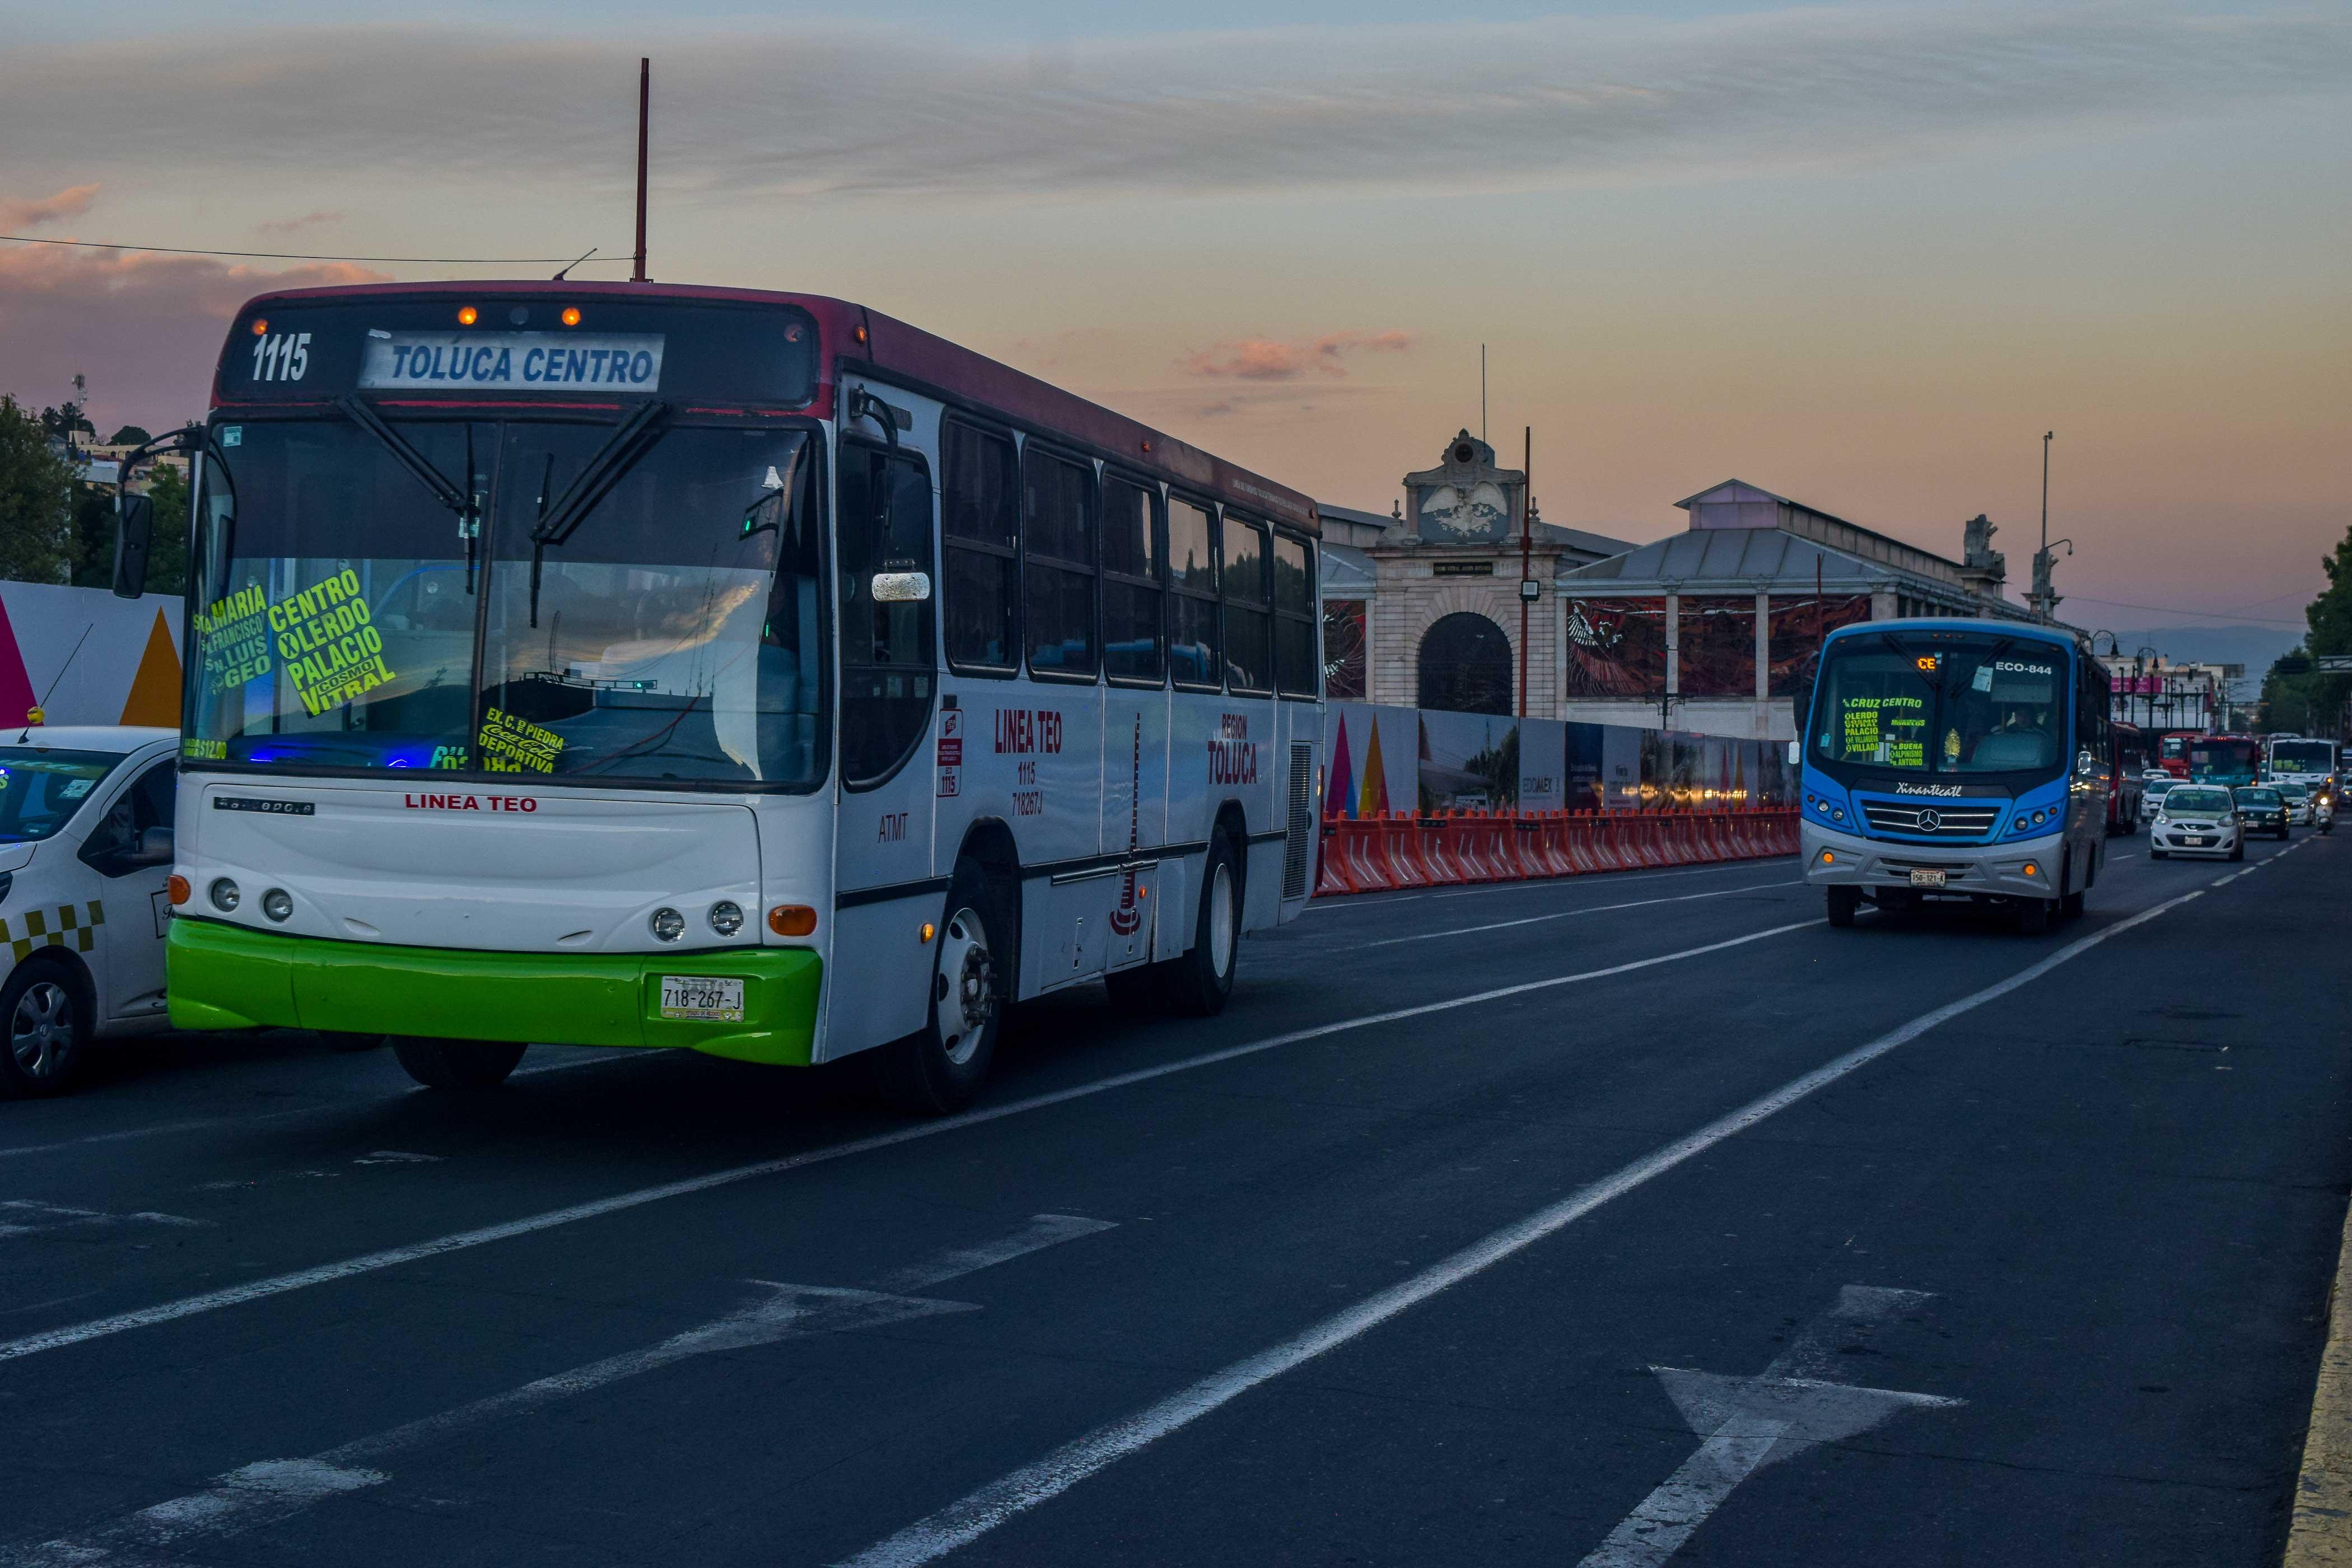 Descuentos-en-el-pasaje-del-transporte-publico-Edomex